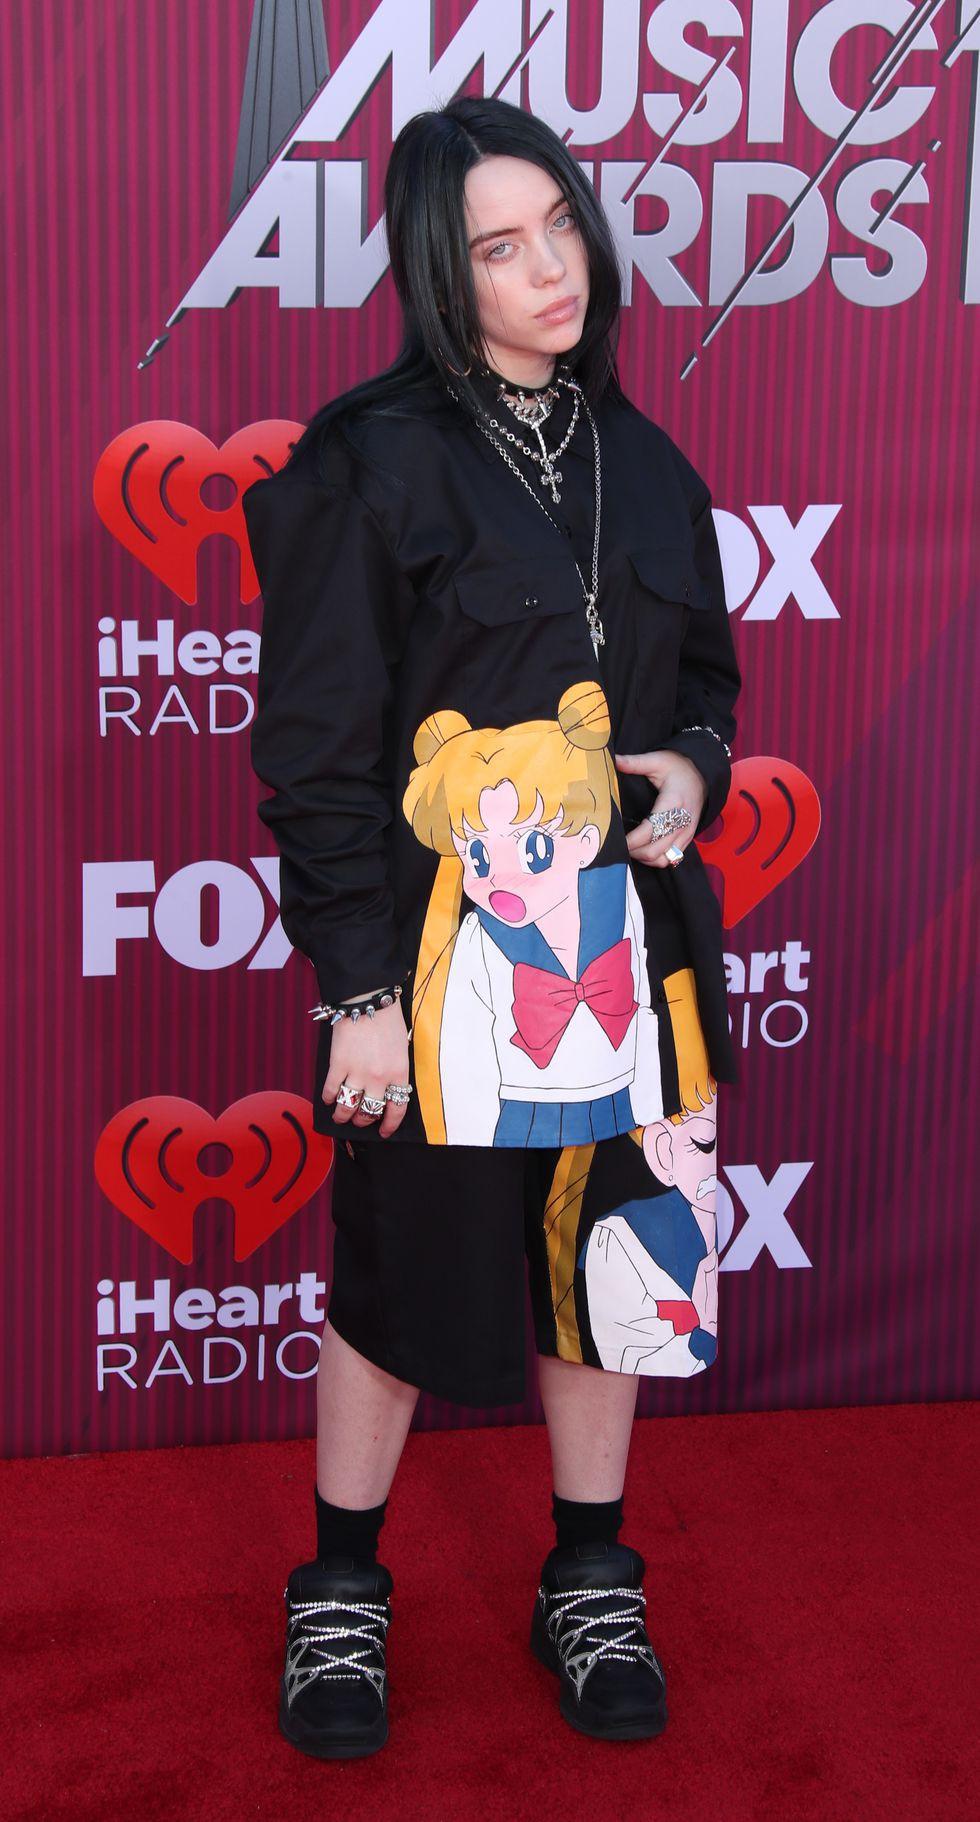 Thảm đỏ iHeartRadio: Taylor Swift chiếm hết spotlight, Katy Perry và Tiffany (SNSD) diện đồ khó đỡ - Ảnh 13.